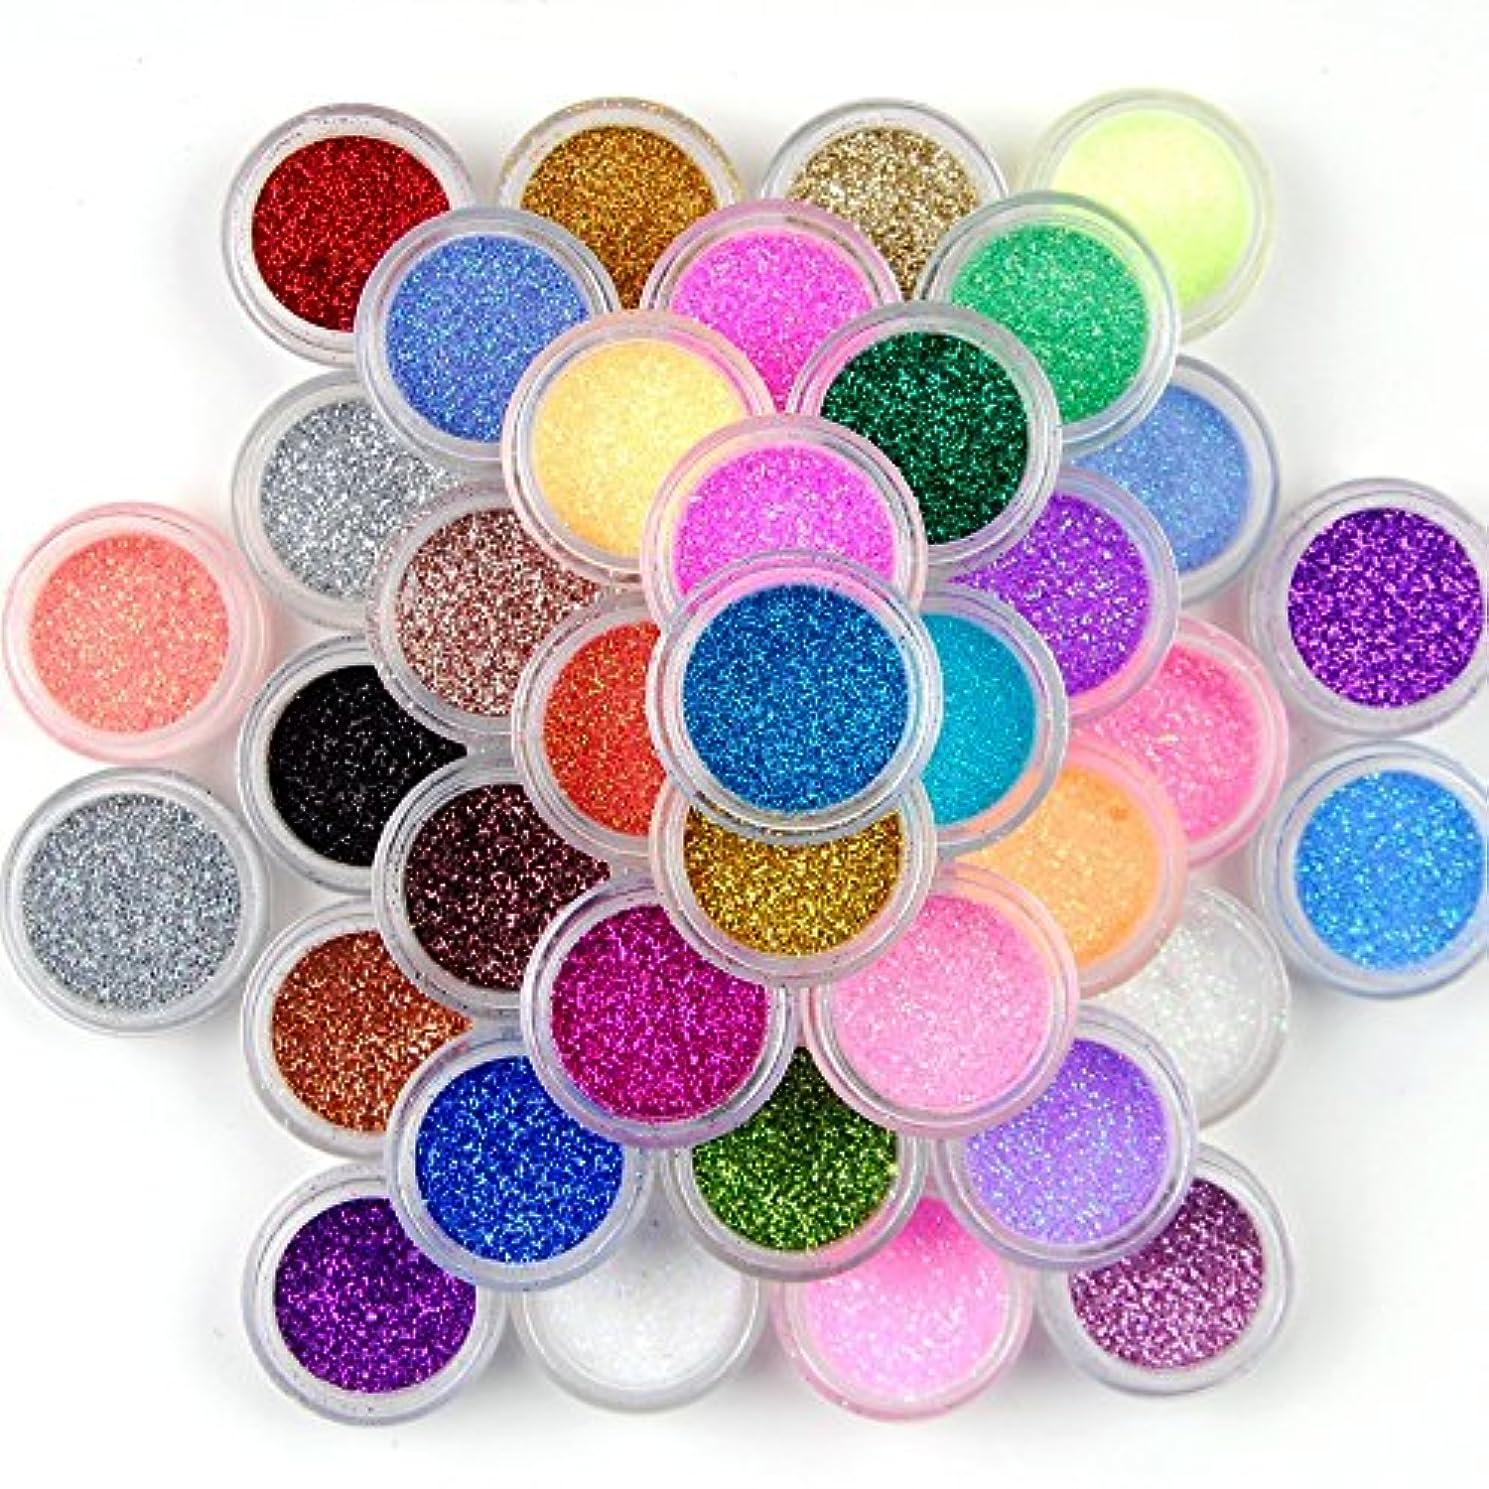 ナース真っ逆さまリーガン12個ネイルアートDust Glitter Powder DIY装飾ヒント、色ランダム